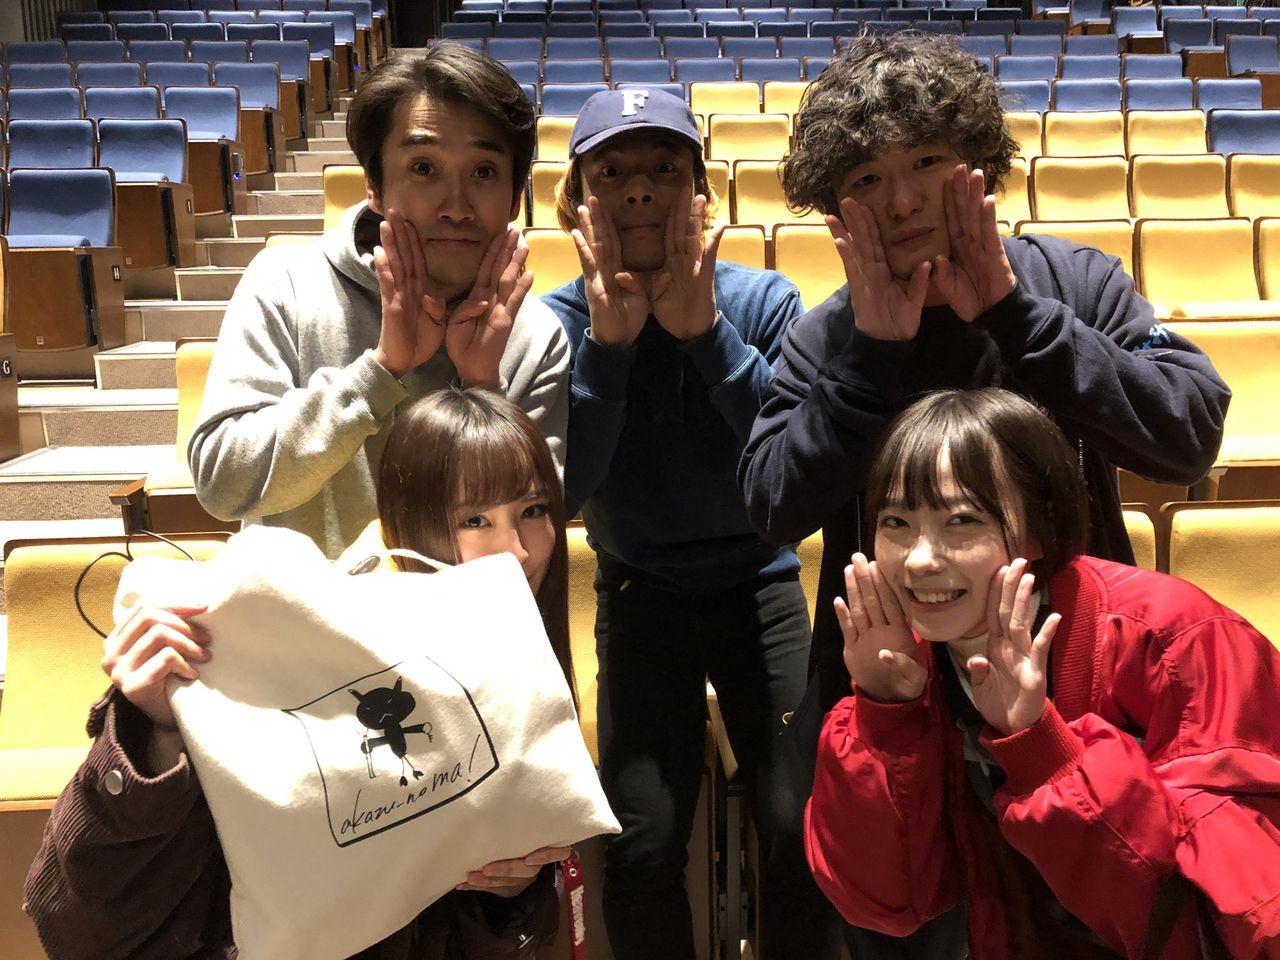 【アカズノマ】J-WAVE×ゴジゲン「みみばしる」観劇 【石塚朱莉,古賀成美】